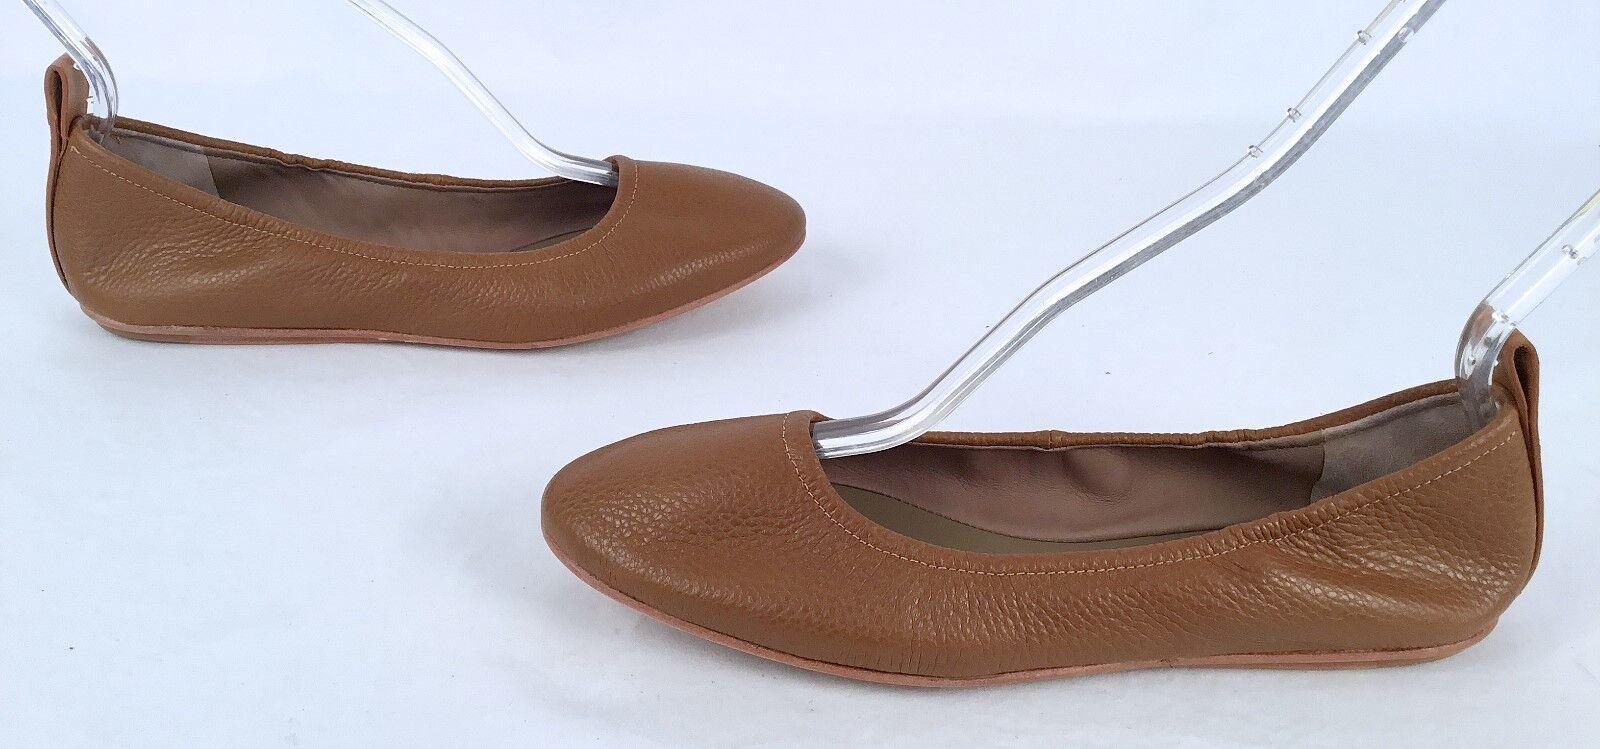 NUOVA Mercedes  Castillo'Carola'-Ballet Flats - Tan -Dimensione US 8.5  EU 38.5 - 250 -(P51)  al prezzo più basso